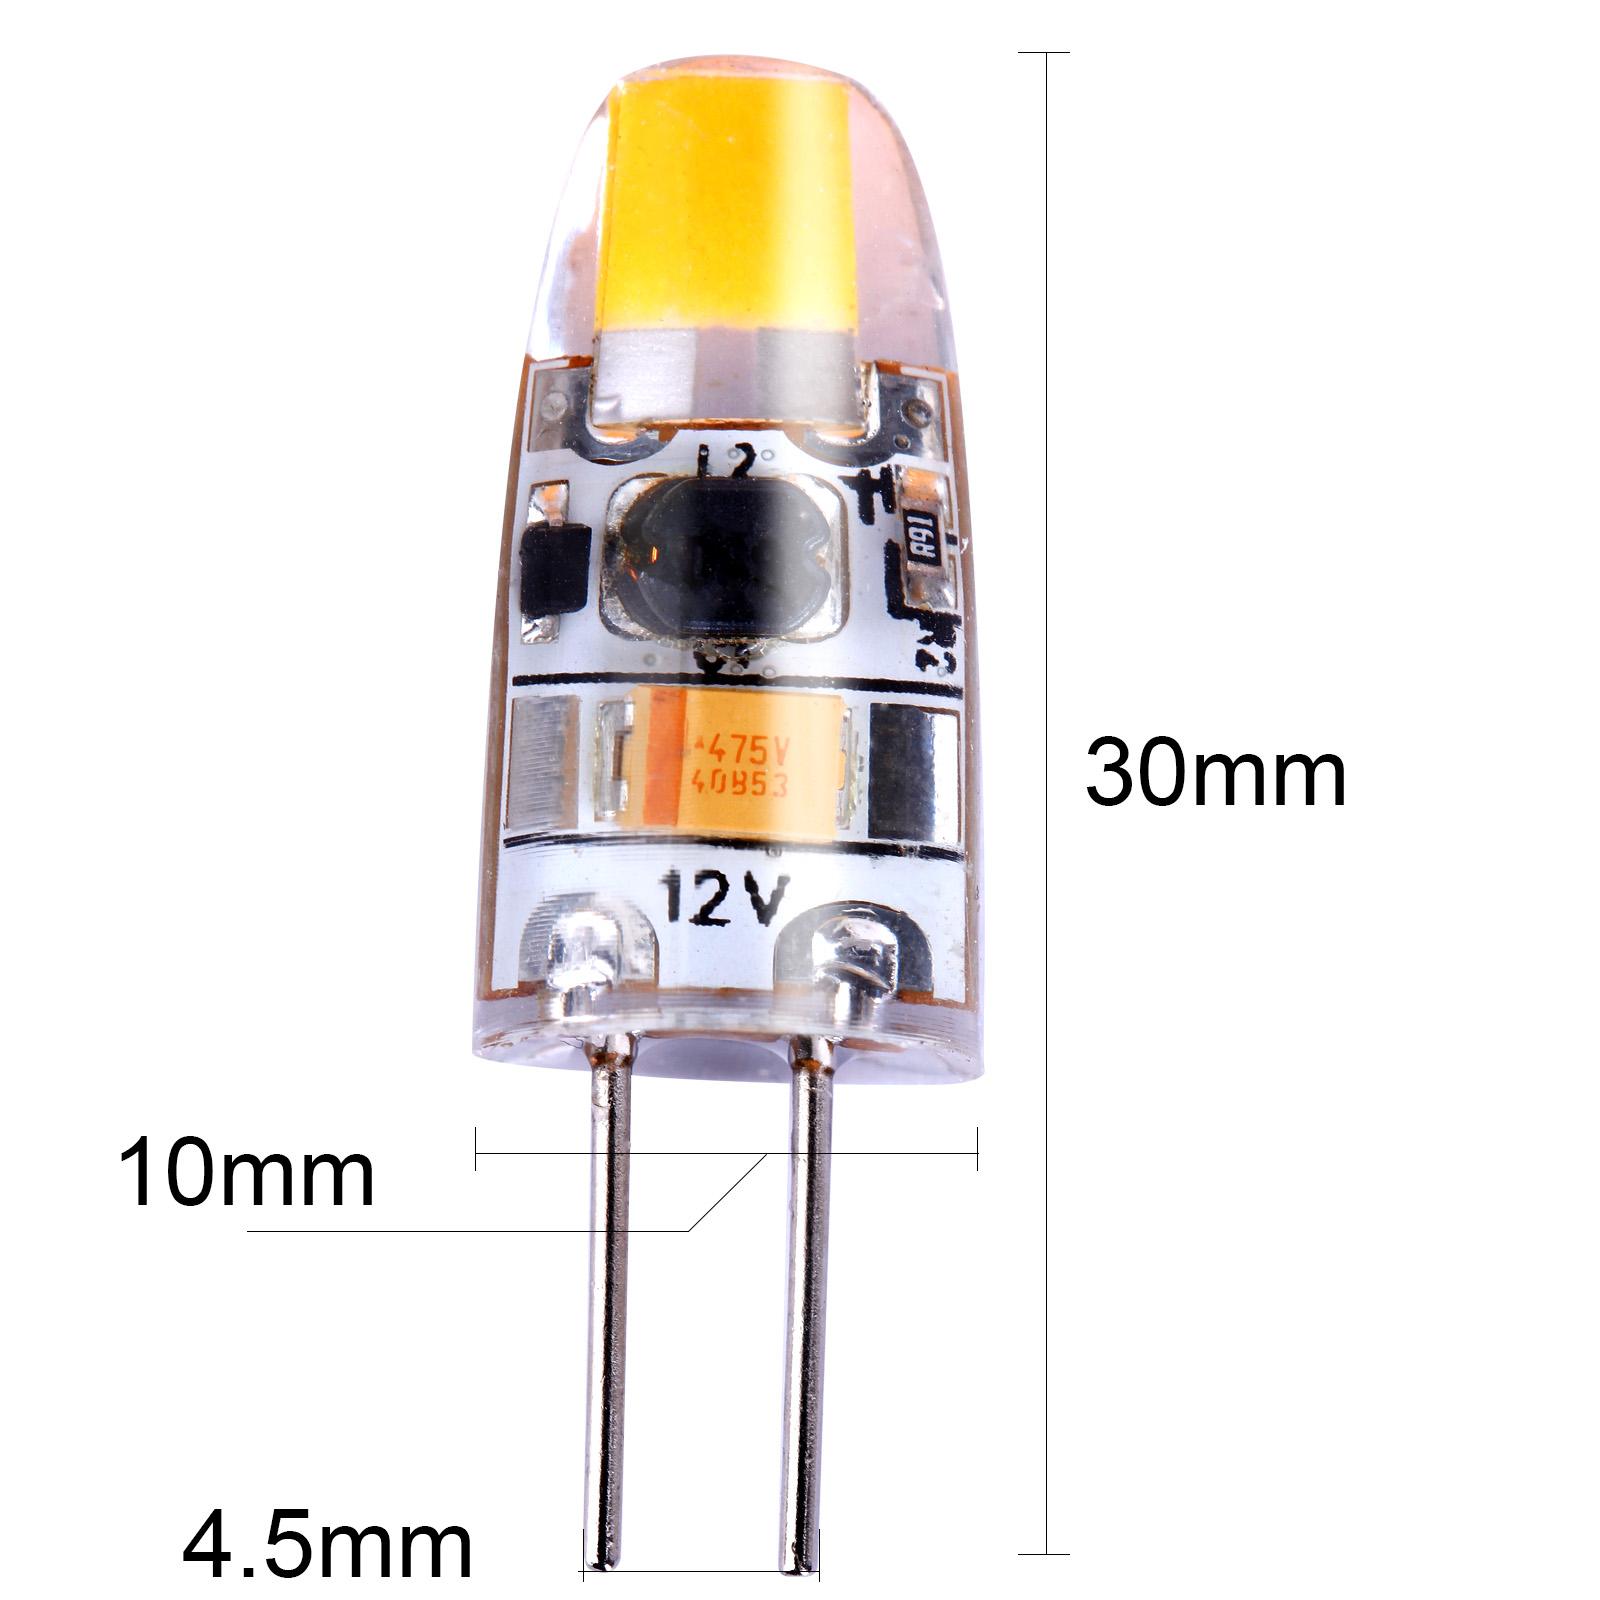 10x ampoules 1 5w led jaune chaud spot bulb 3000k 360 degres angle de faisceau ebay. Black Bedroom Furniture Sets. Home Design Ideas